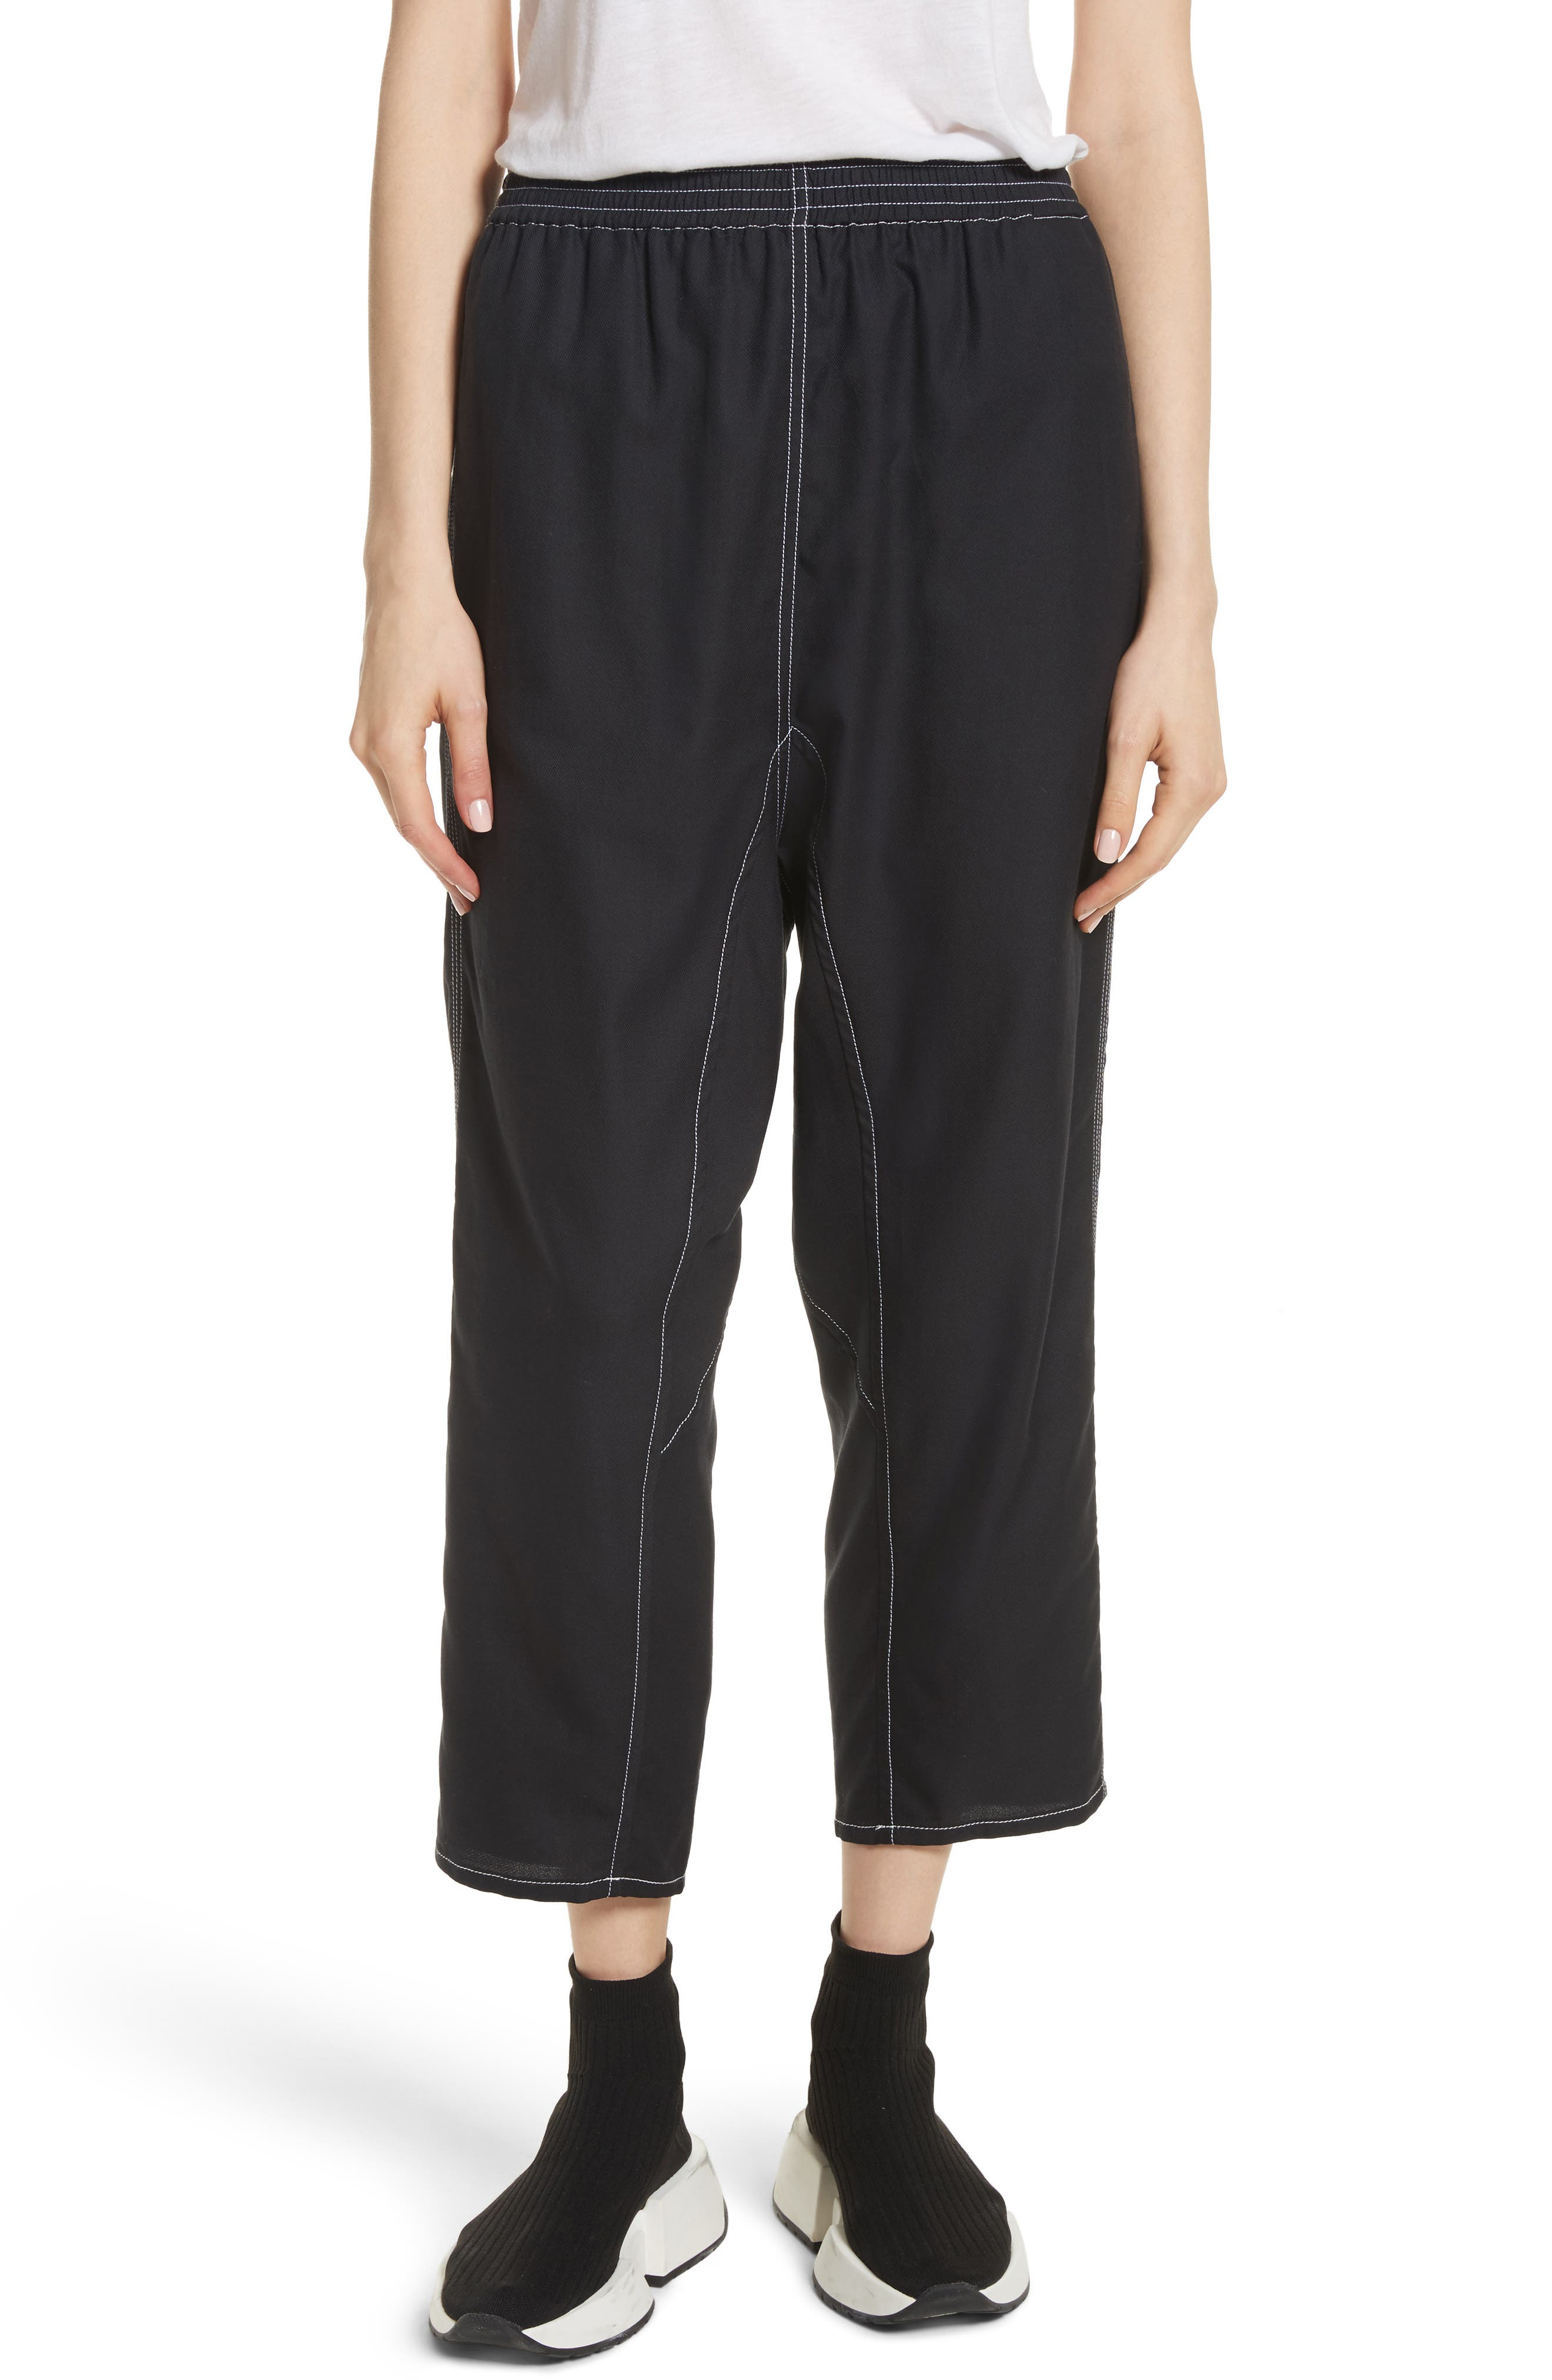 MM6 Maison Margiela Crop Pants